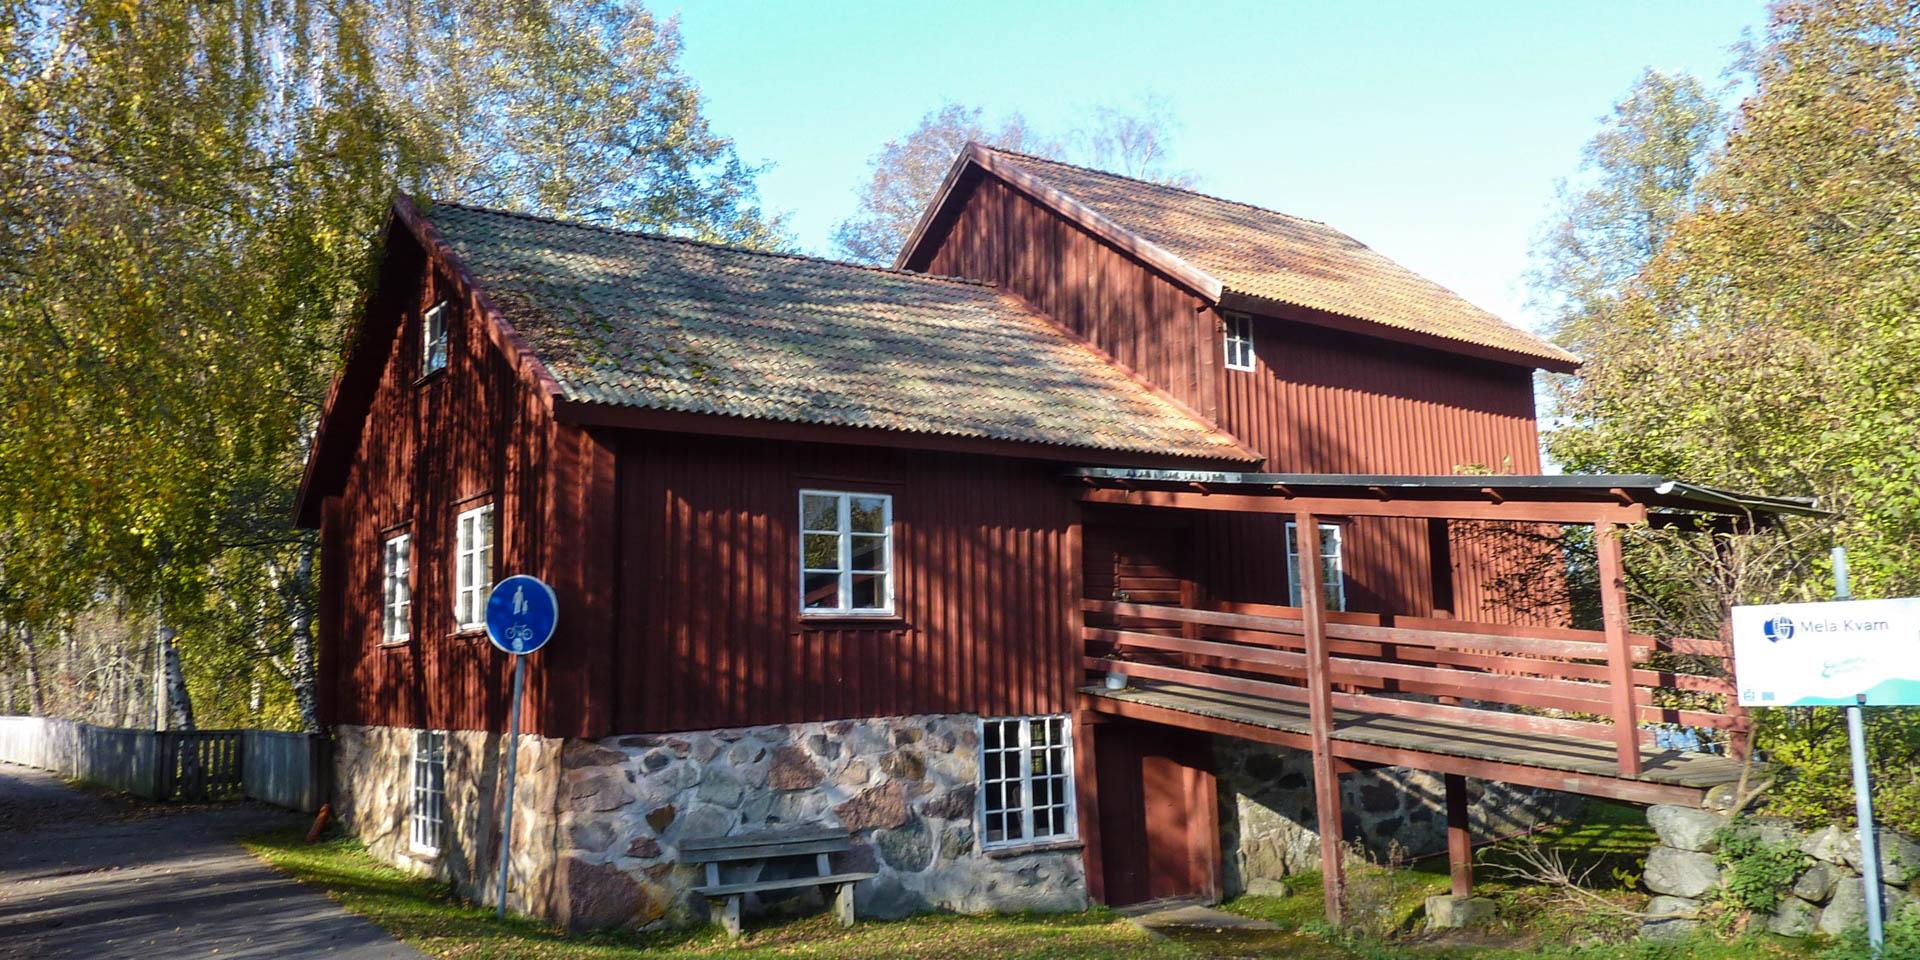 Mela Kvarn 2011